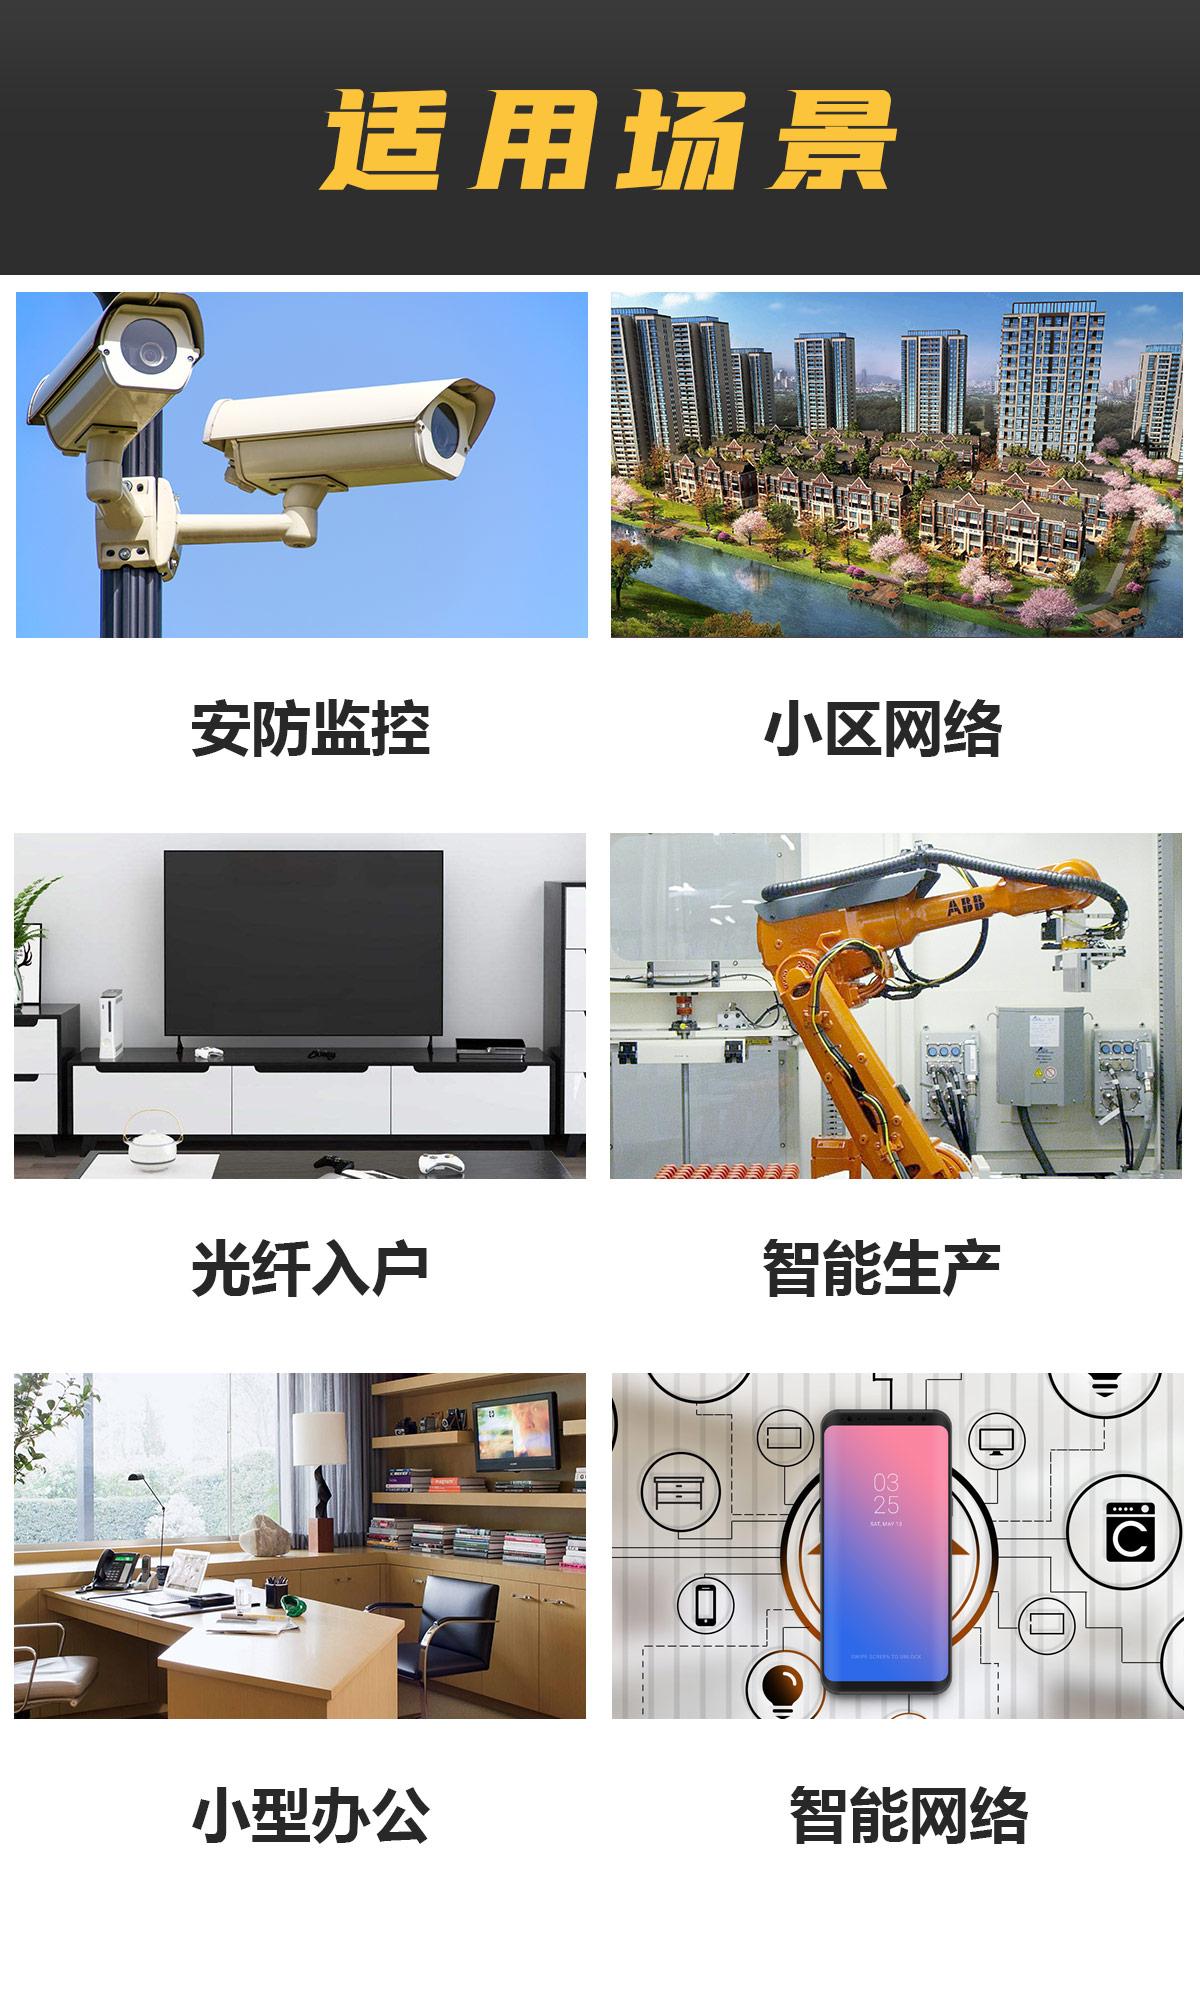 适用场景 安防监控 小区网络 光纤入户 智能生产 小型办公 智能网络